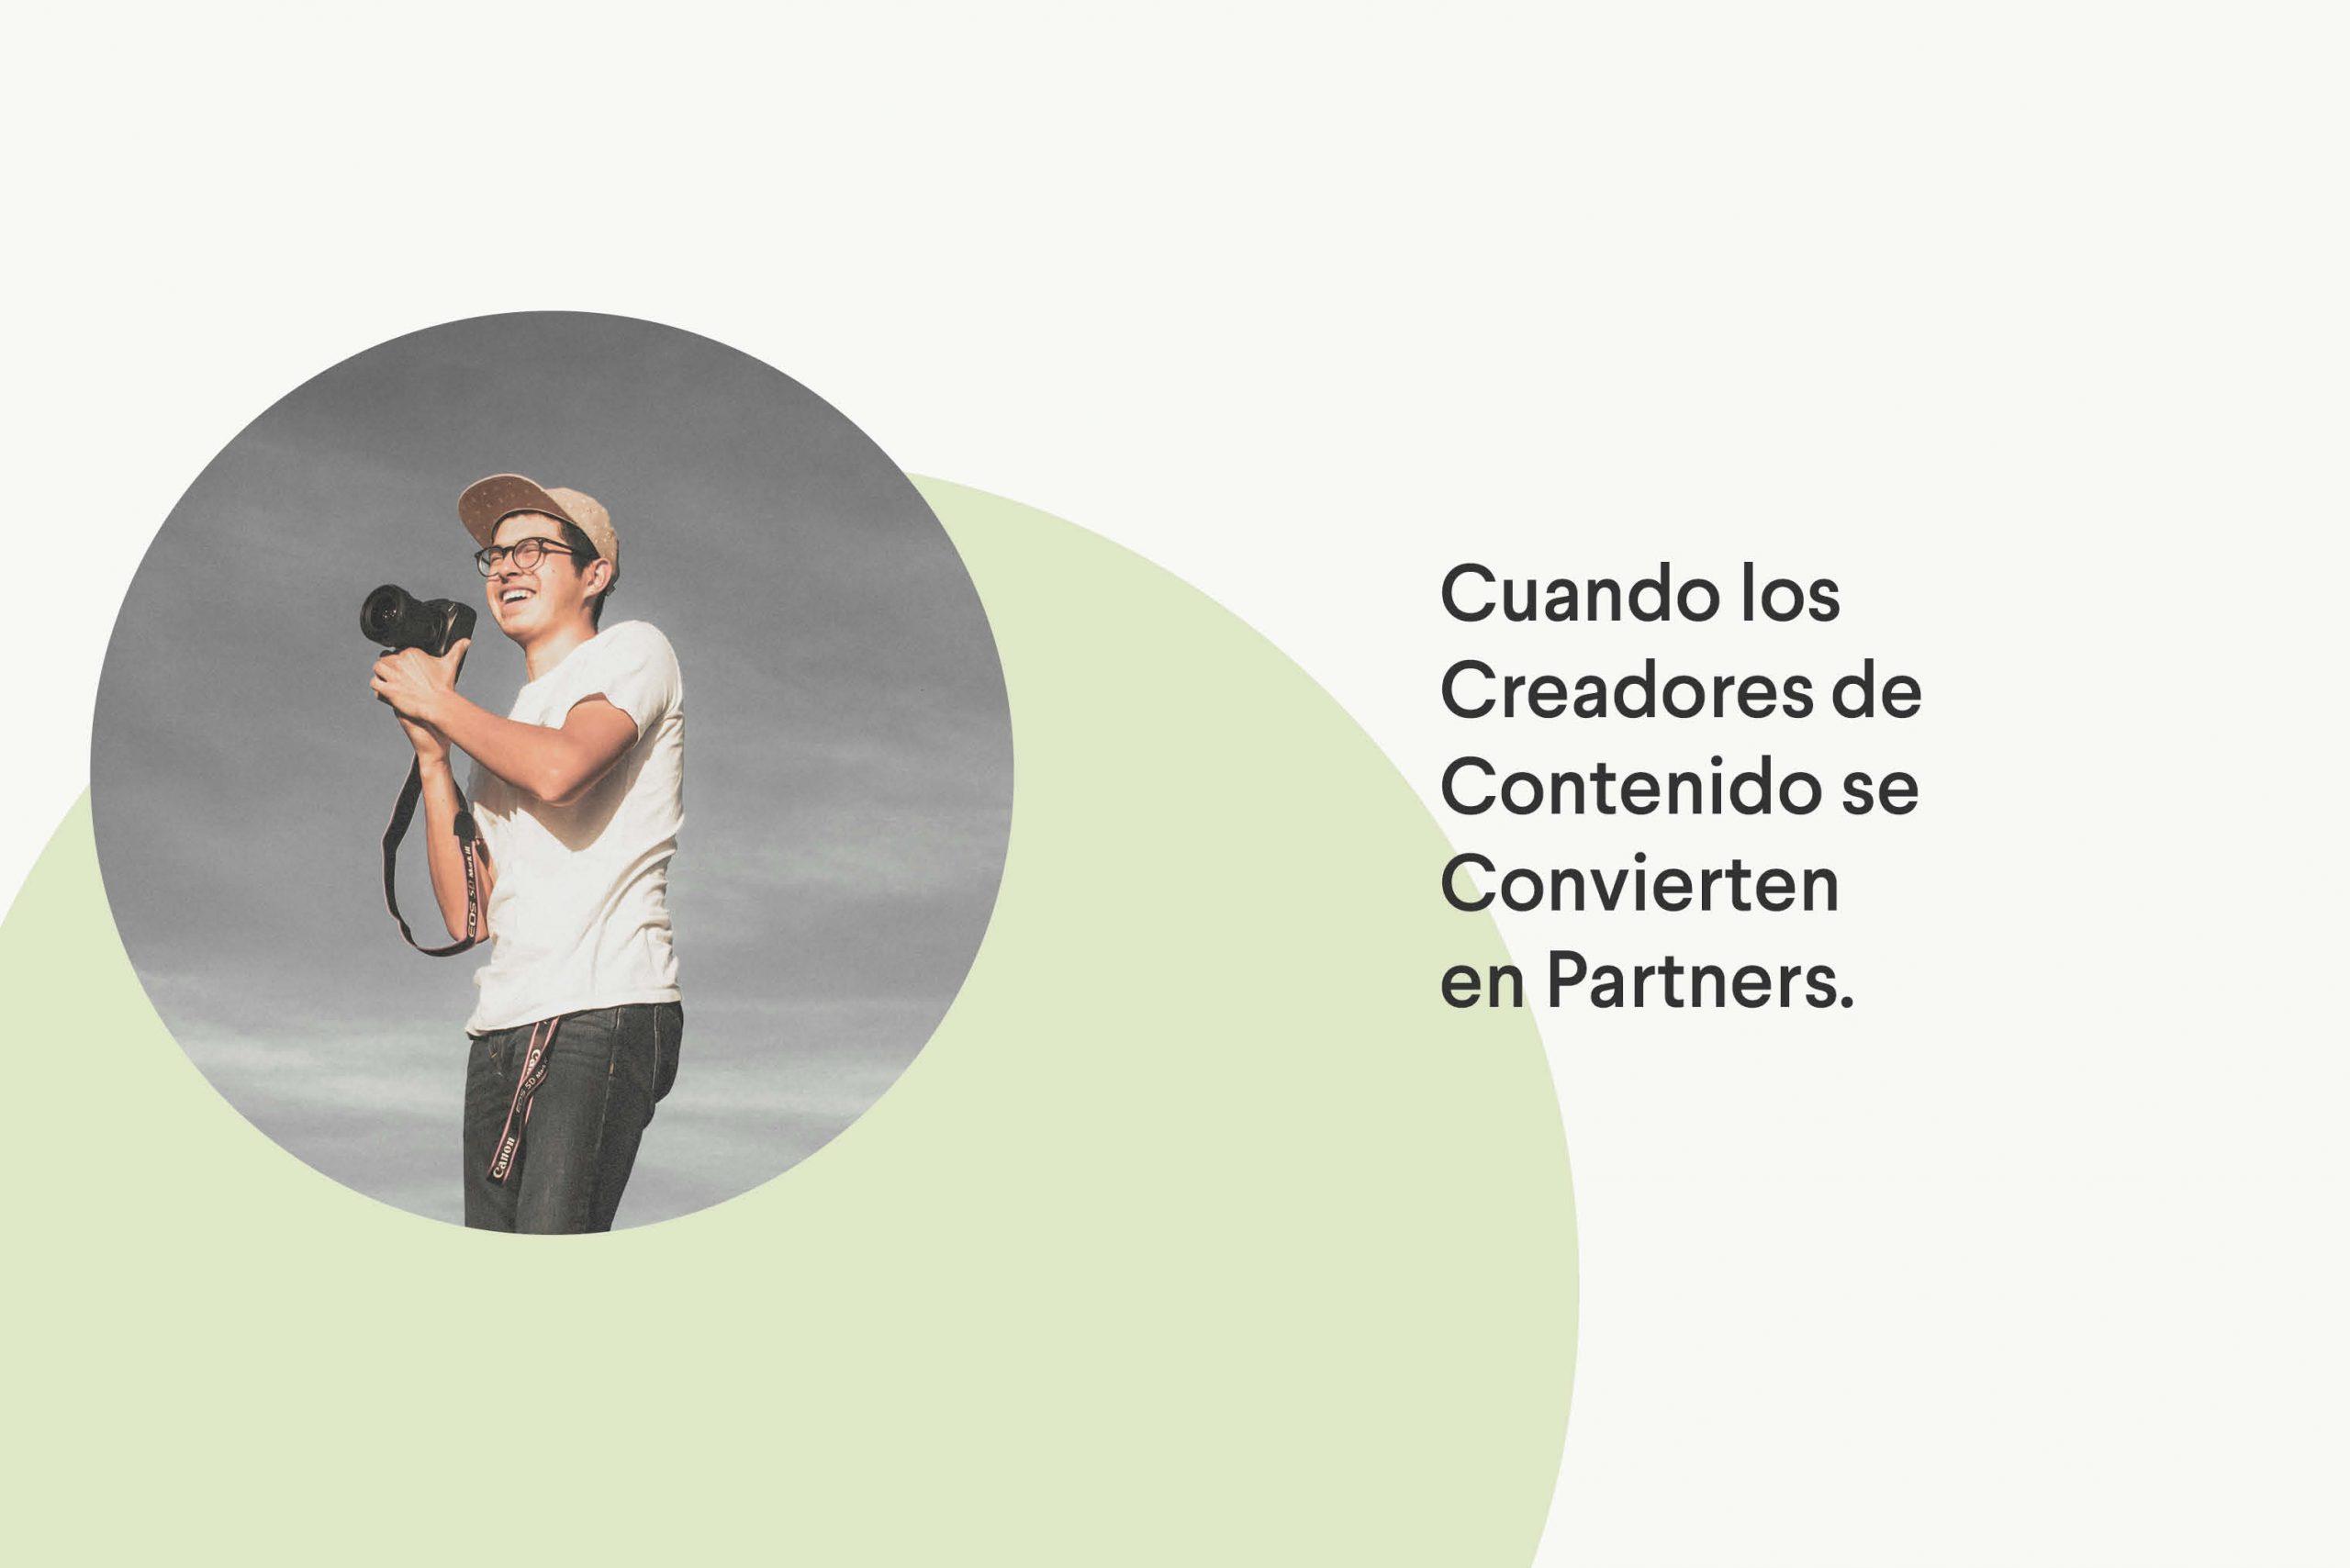 Creadores de contenido pasan a ser Partners en un programa de Afiliados